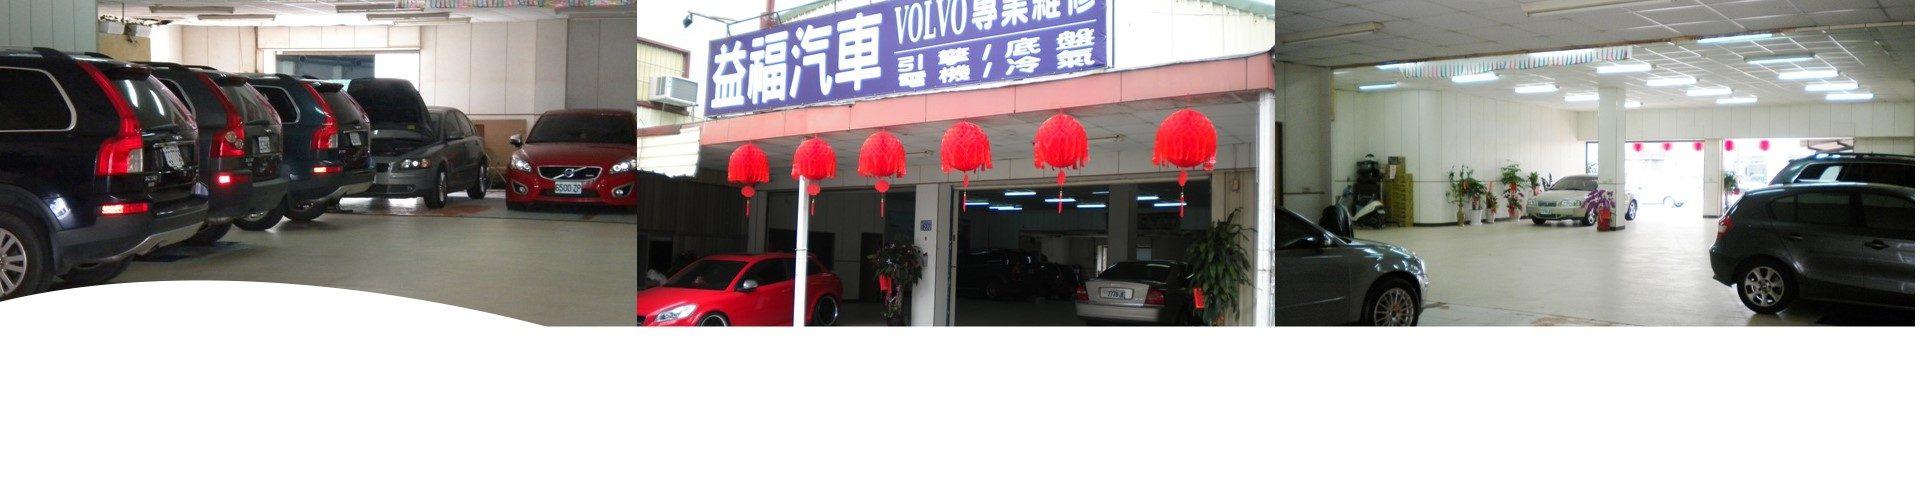 volvo引擎、冷氣、電機、底盤保養及維修服務